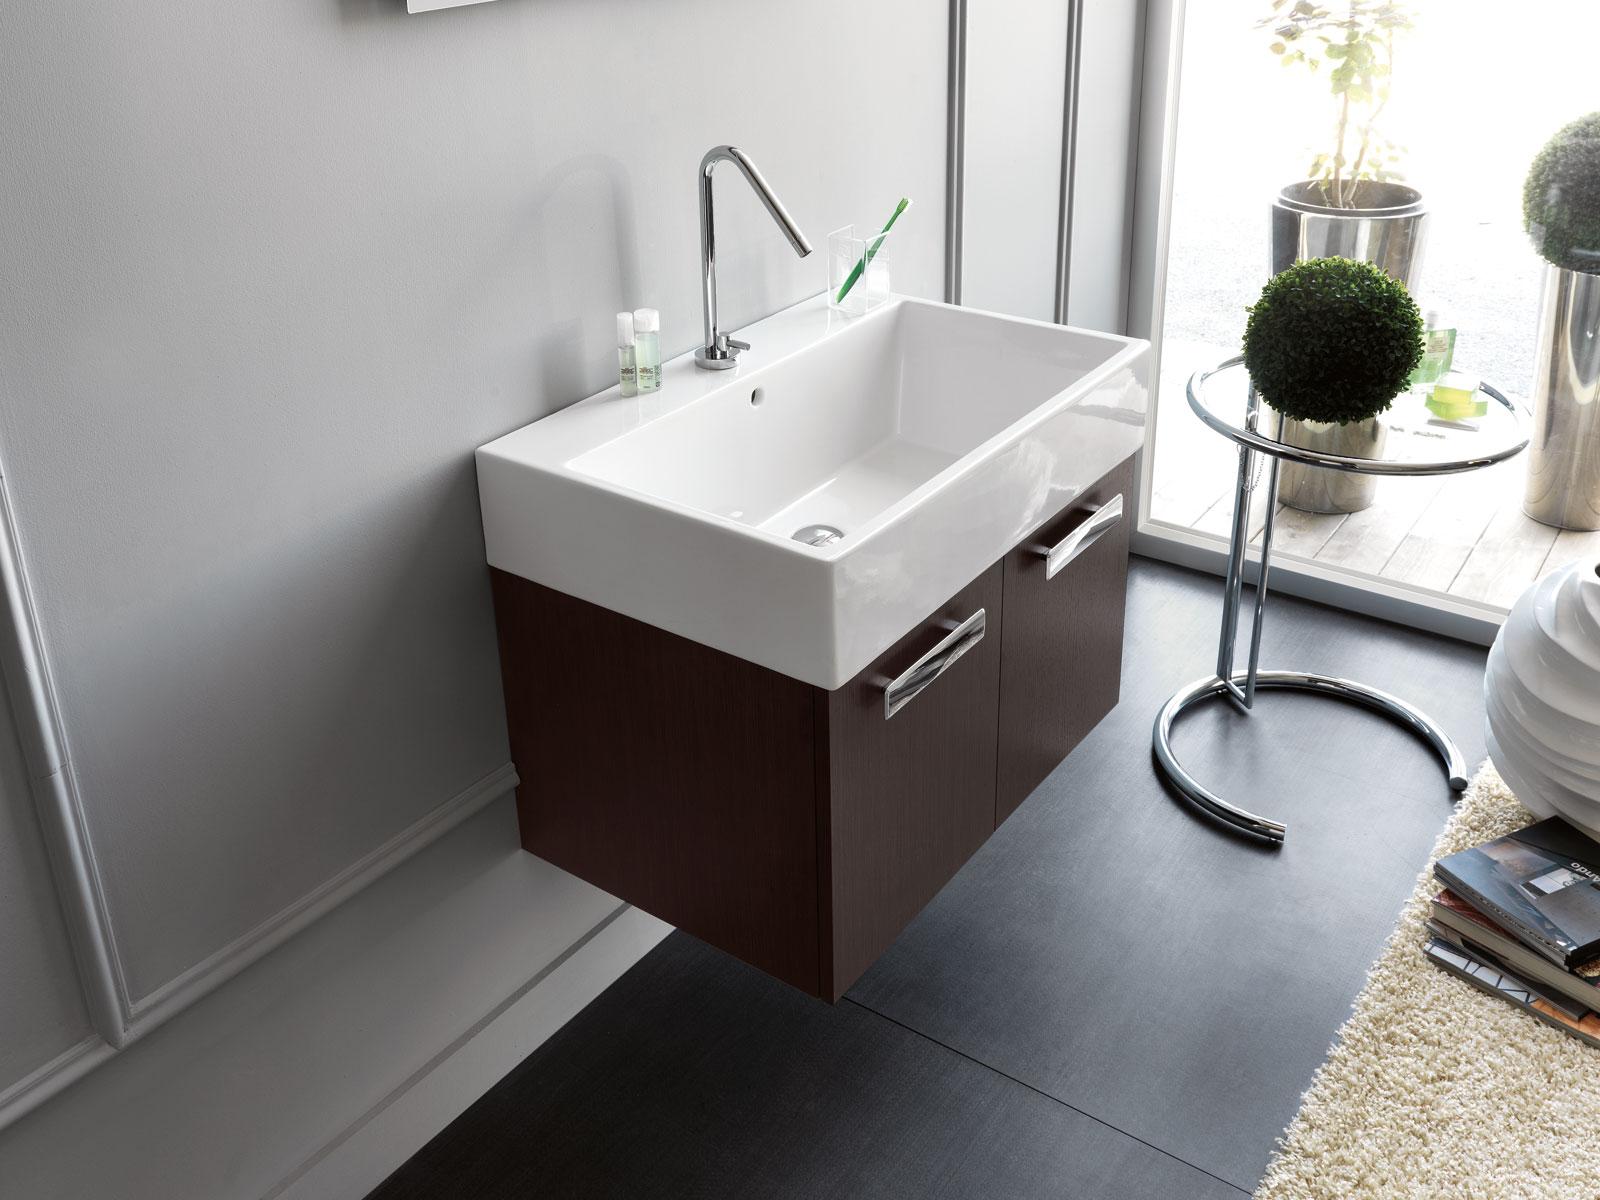 Colavene ceramichemichelediprima - Mobile lavabo ikea ...